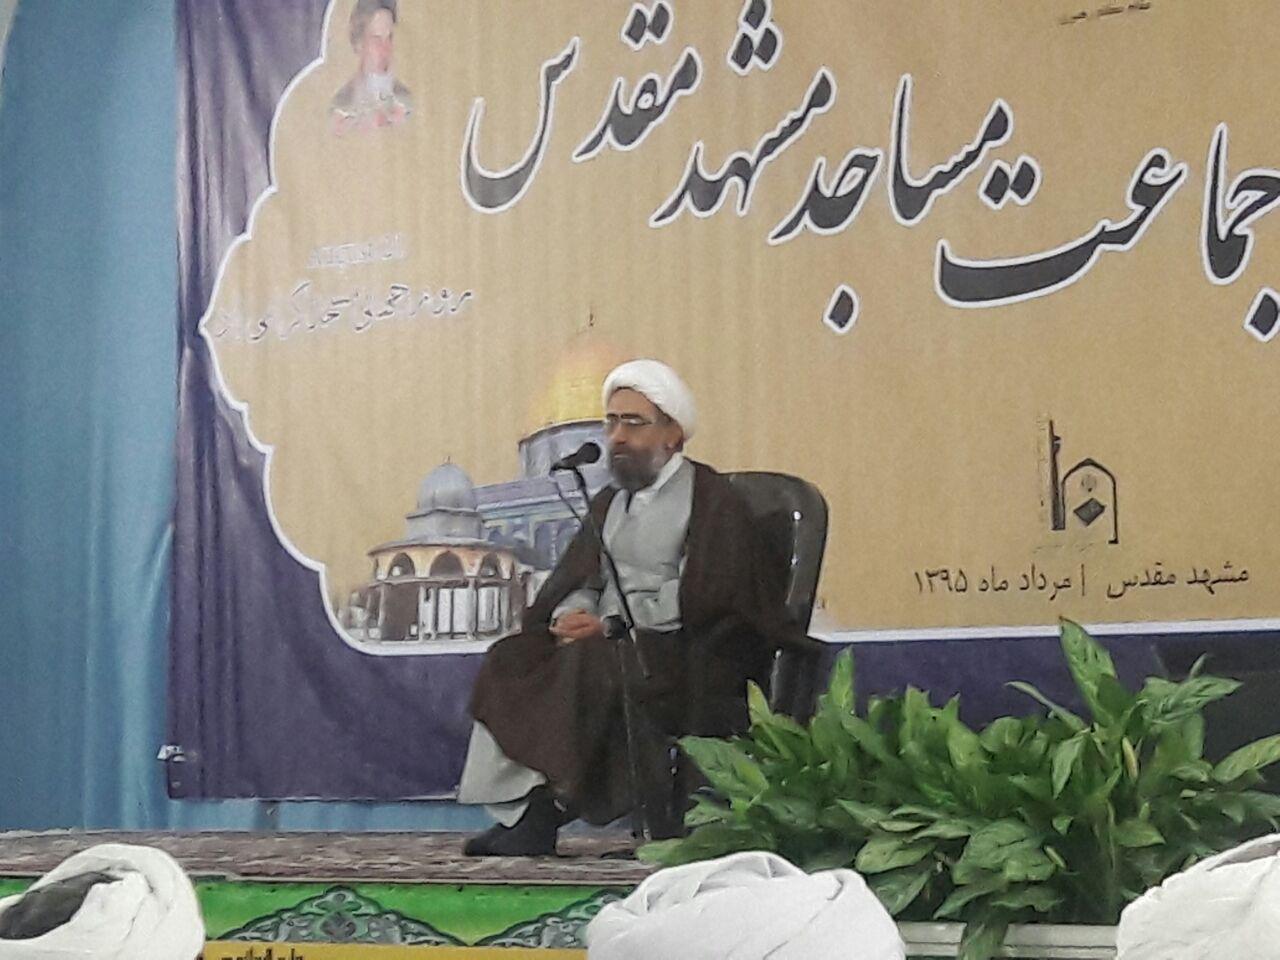 نقش مهم روحانیت در شکل گیری و تداوم انقلاب اسلامی